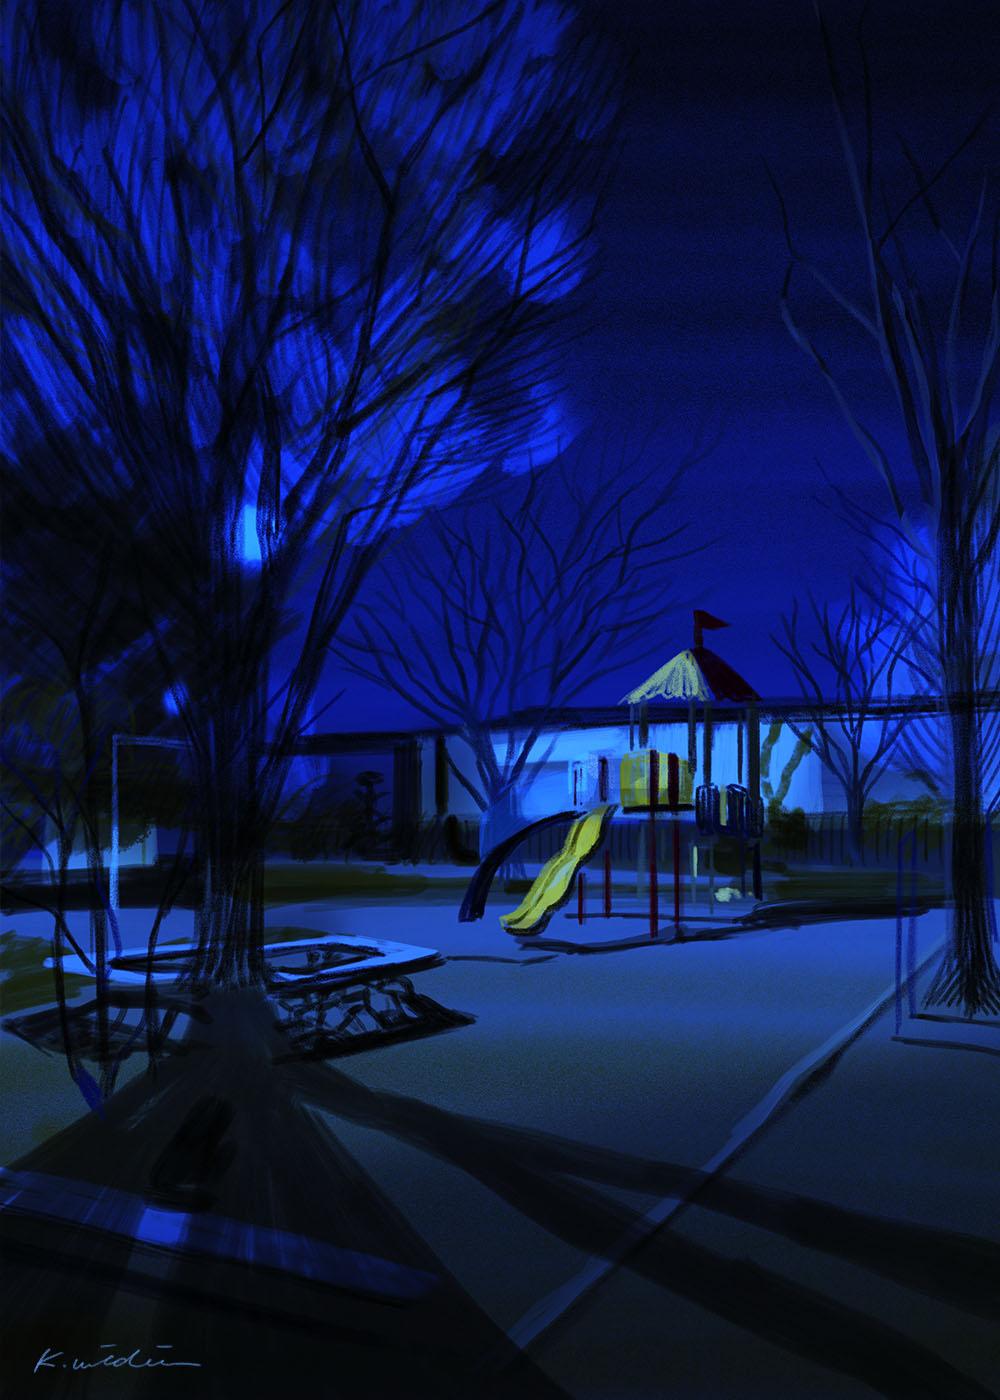 イラストレーション 風景 空 公園 夜